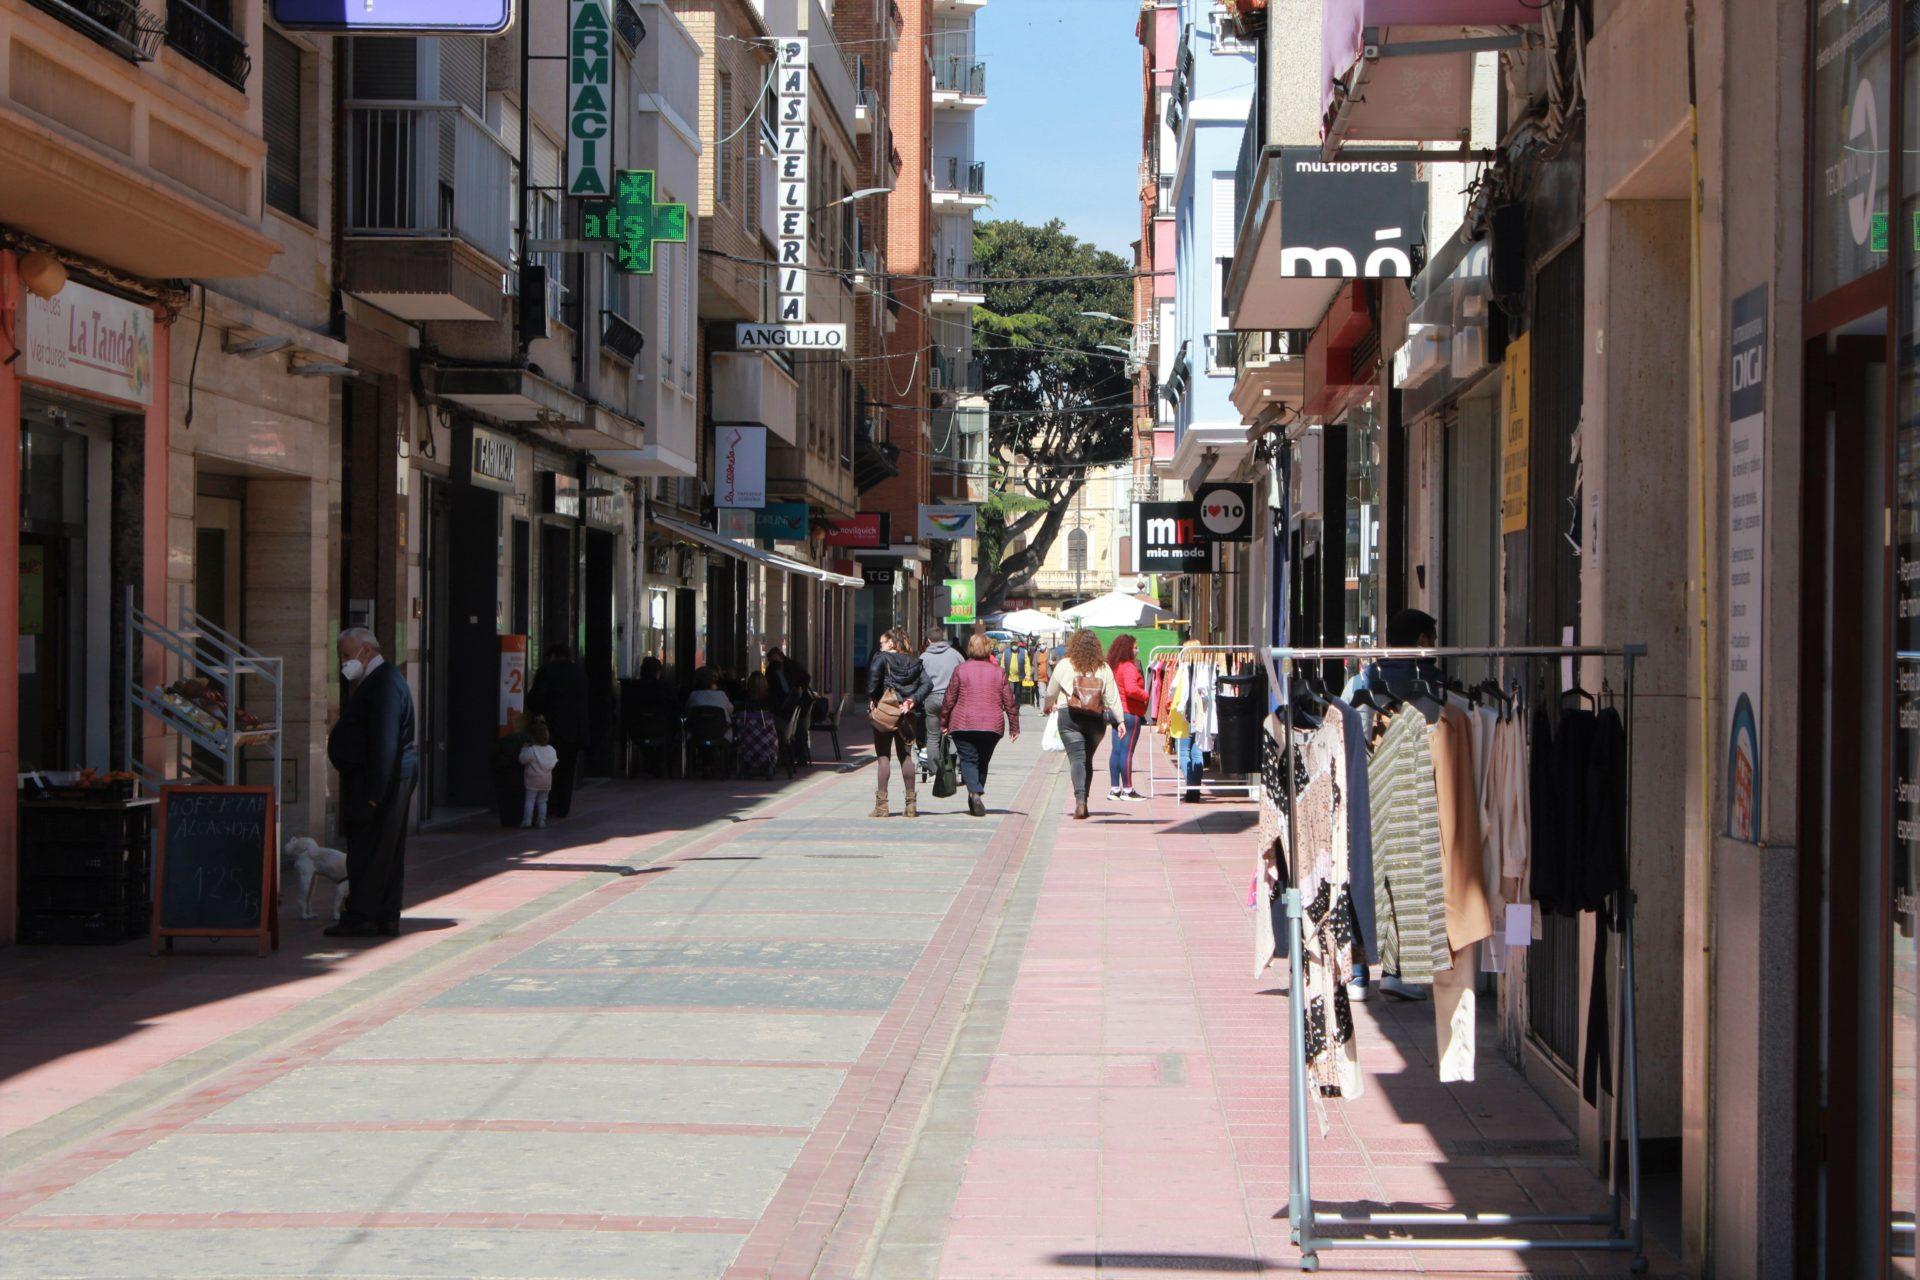 Calle comercial de Burriana